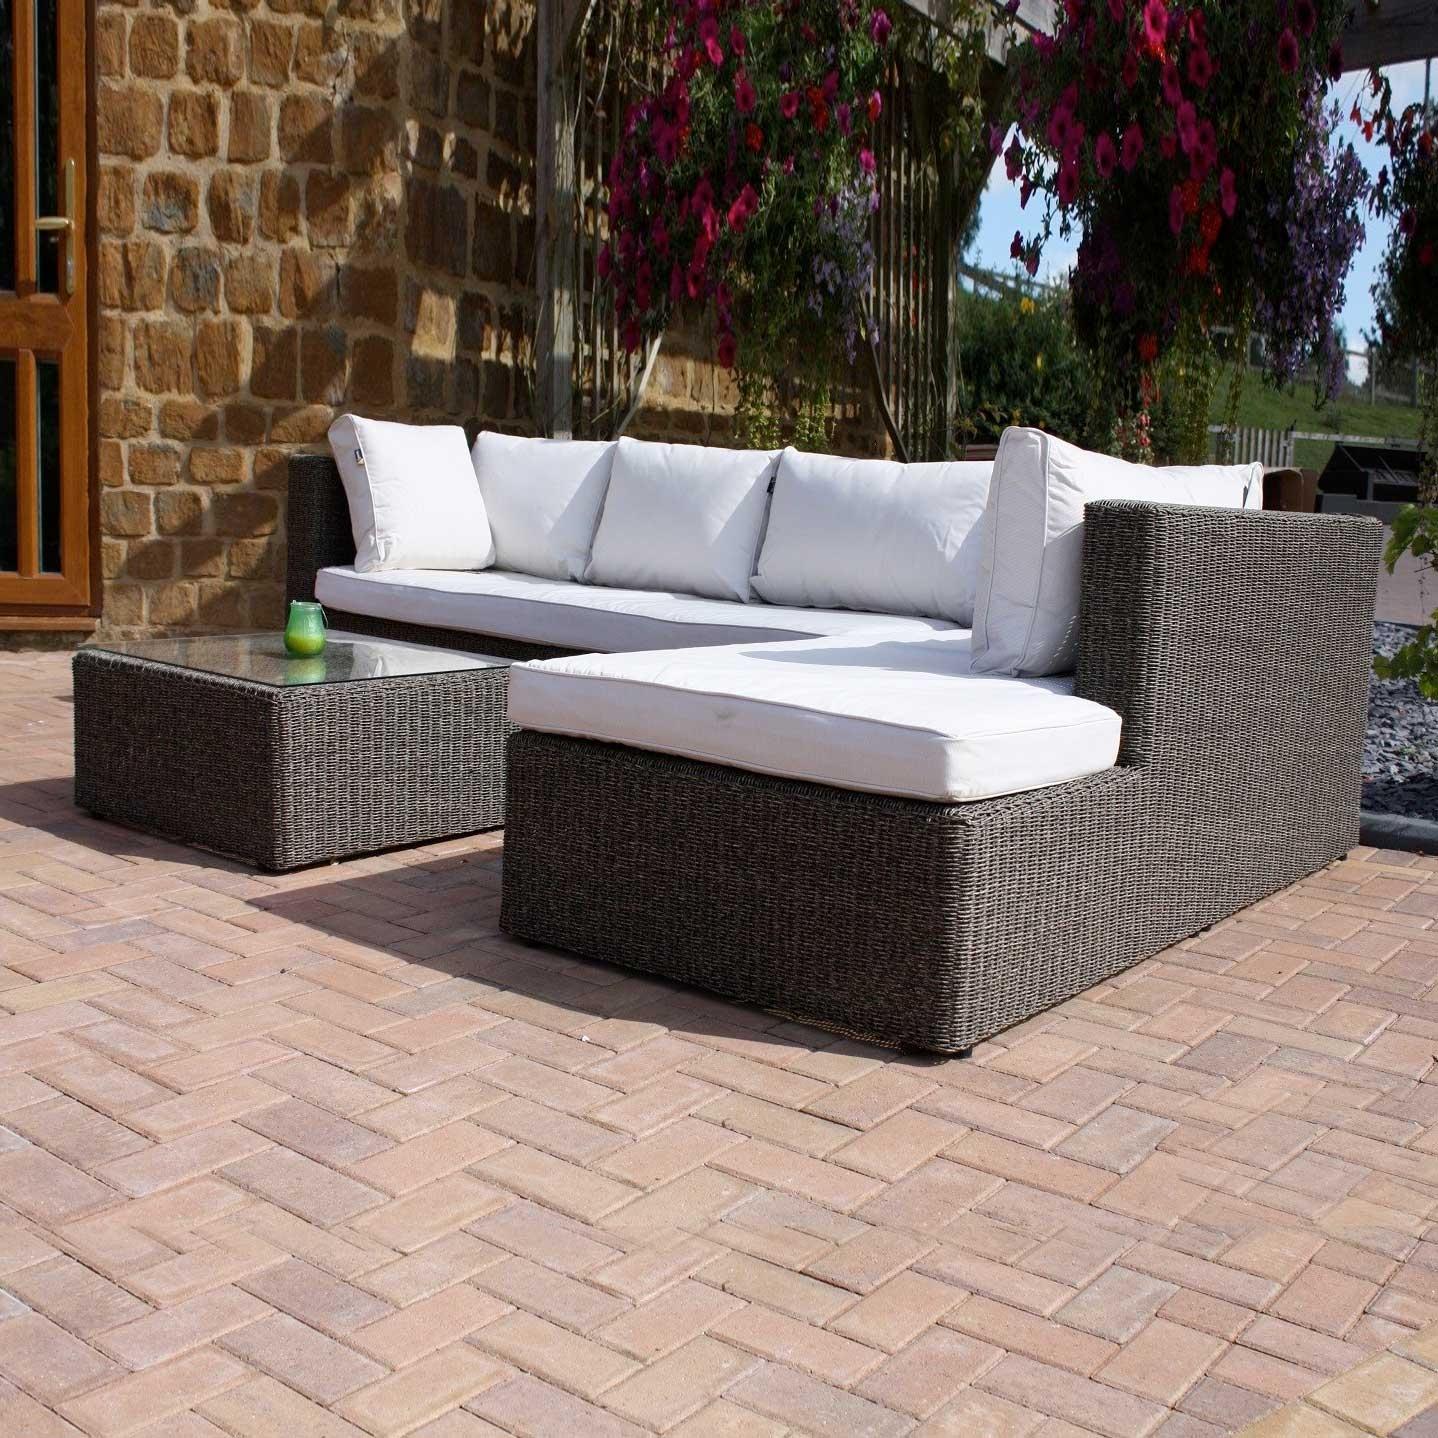 Premium Triton Rattan Sofa Set - Left Handed